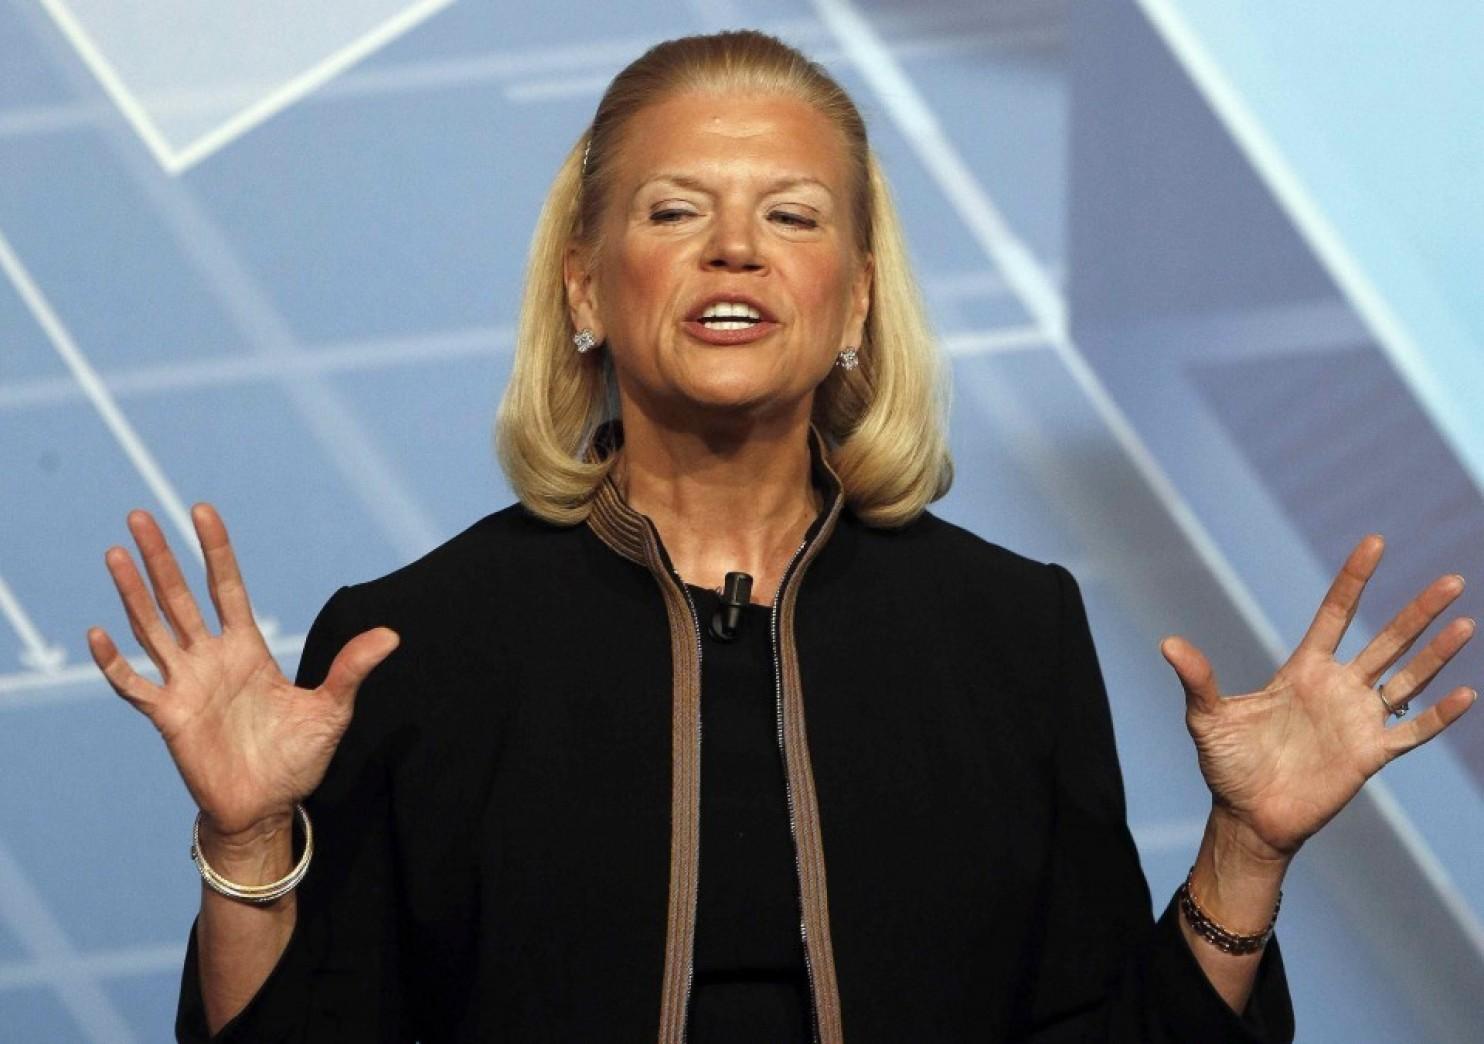 El año pasado la presidenta de IBM, Virginia Rometty,recibió un salario de USD 32,3 millones. (Fotode Alberto Estevez/European Press)